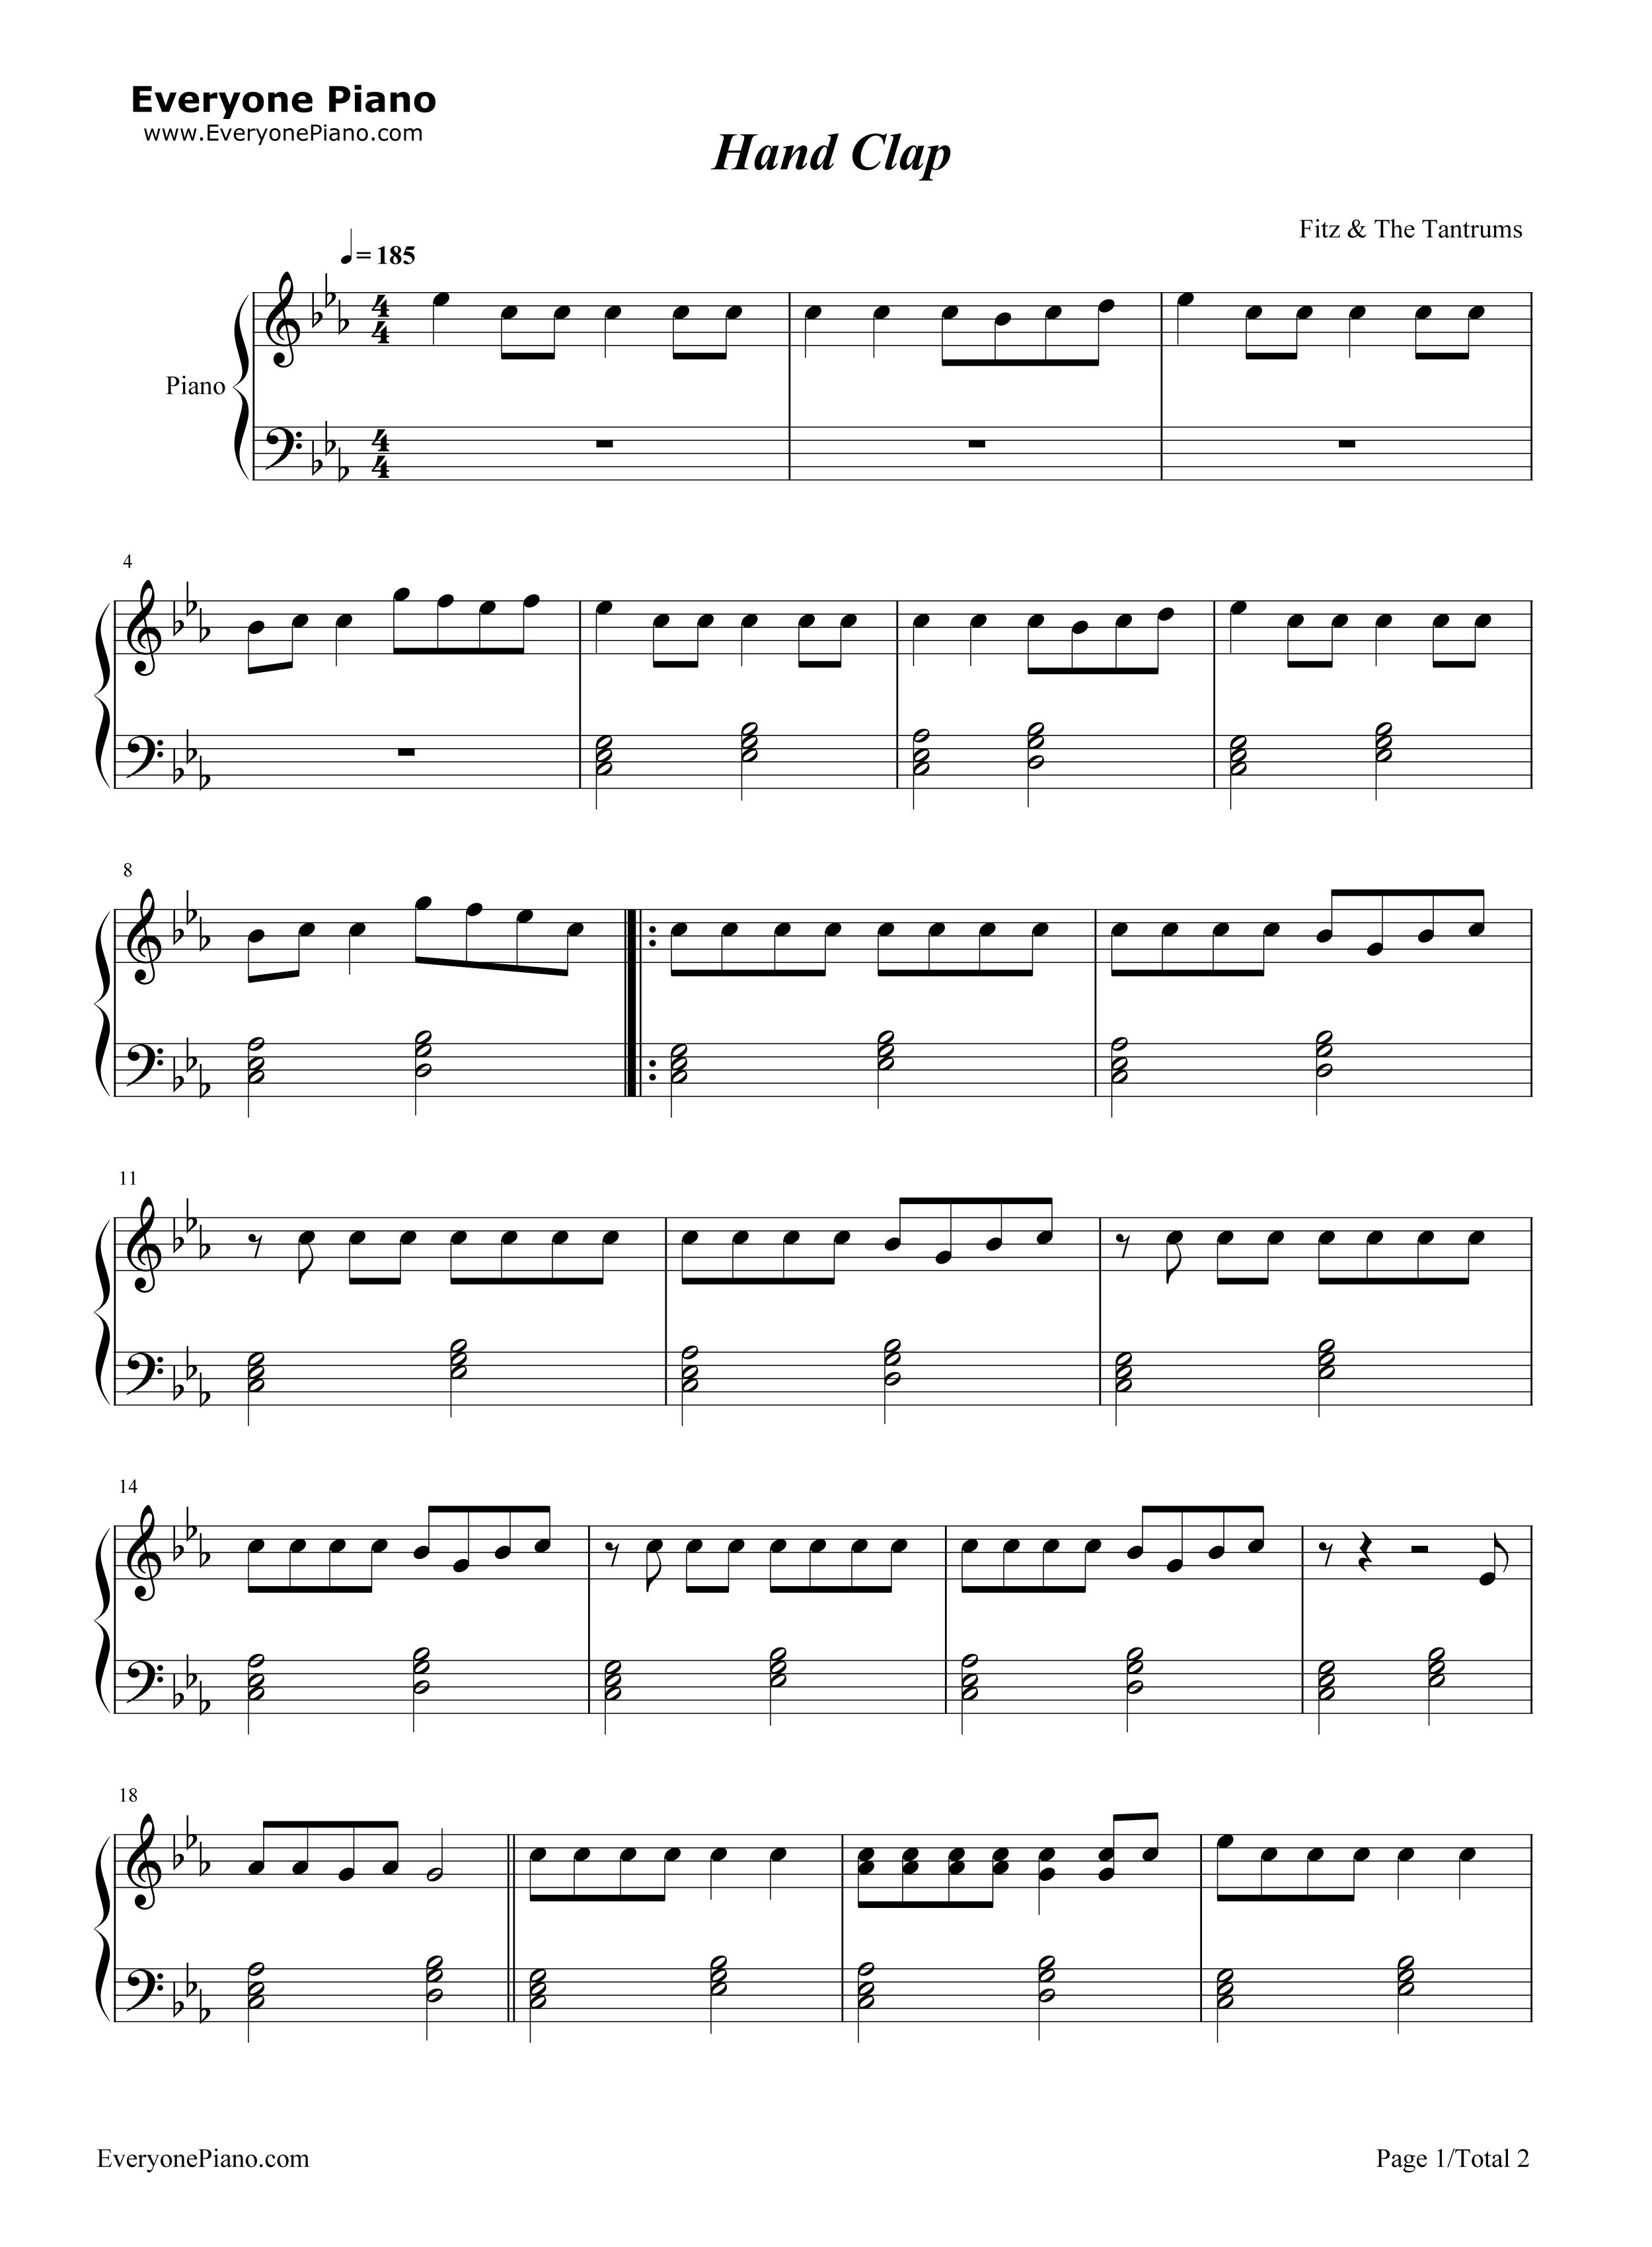 钢琴曲谱 流行 handclap-fitz and the tantrums handclap-fitz and